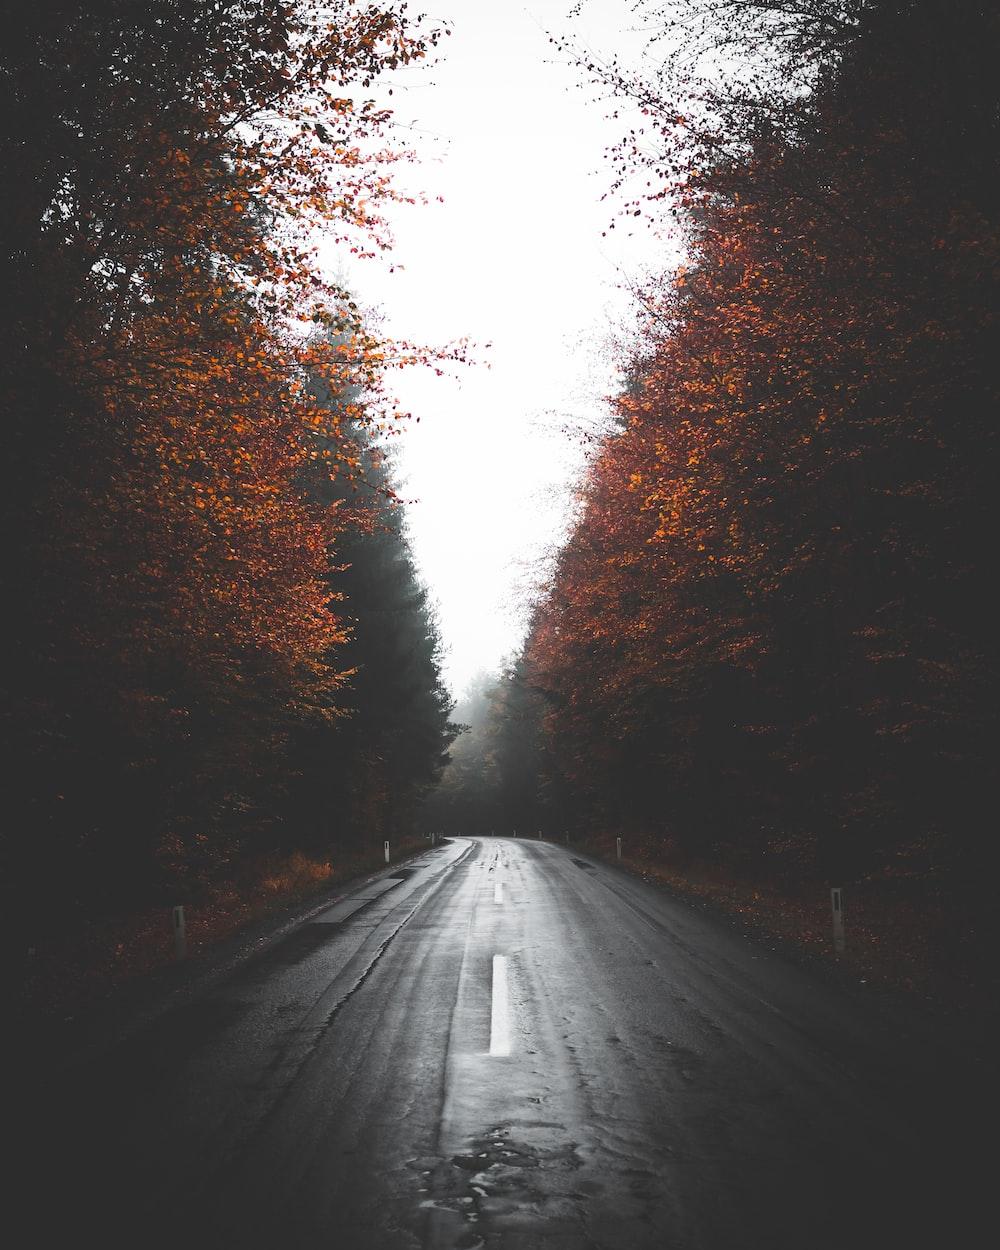 empty wet road between trees